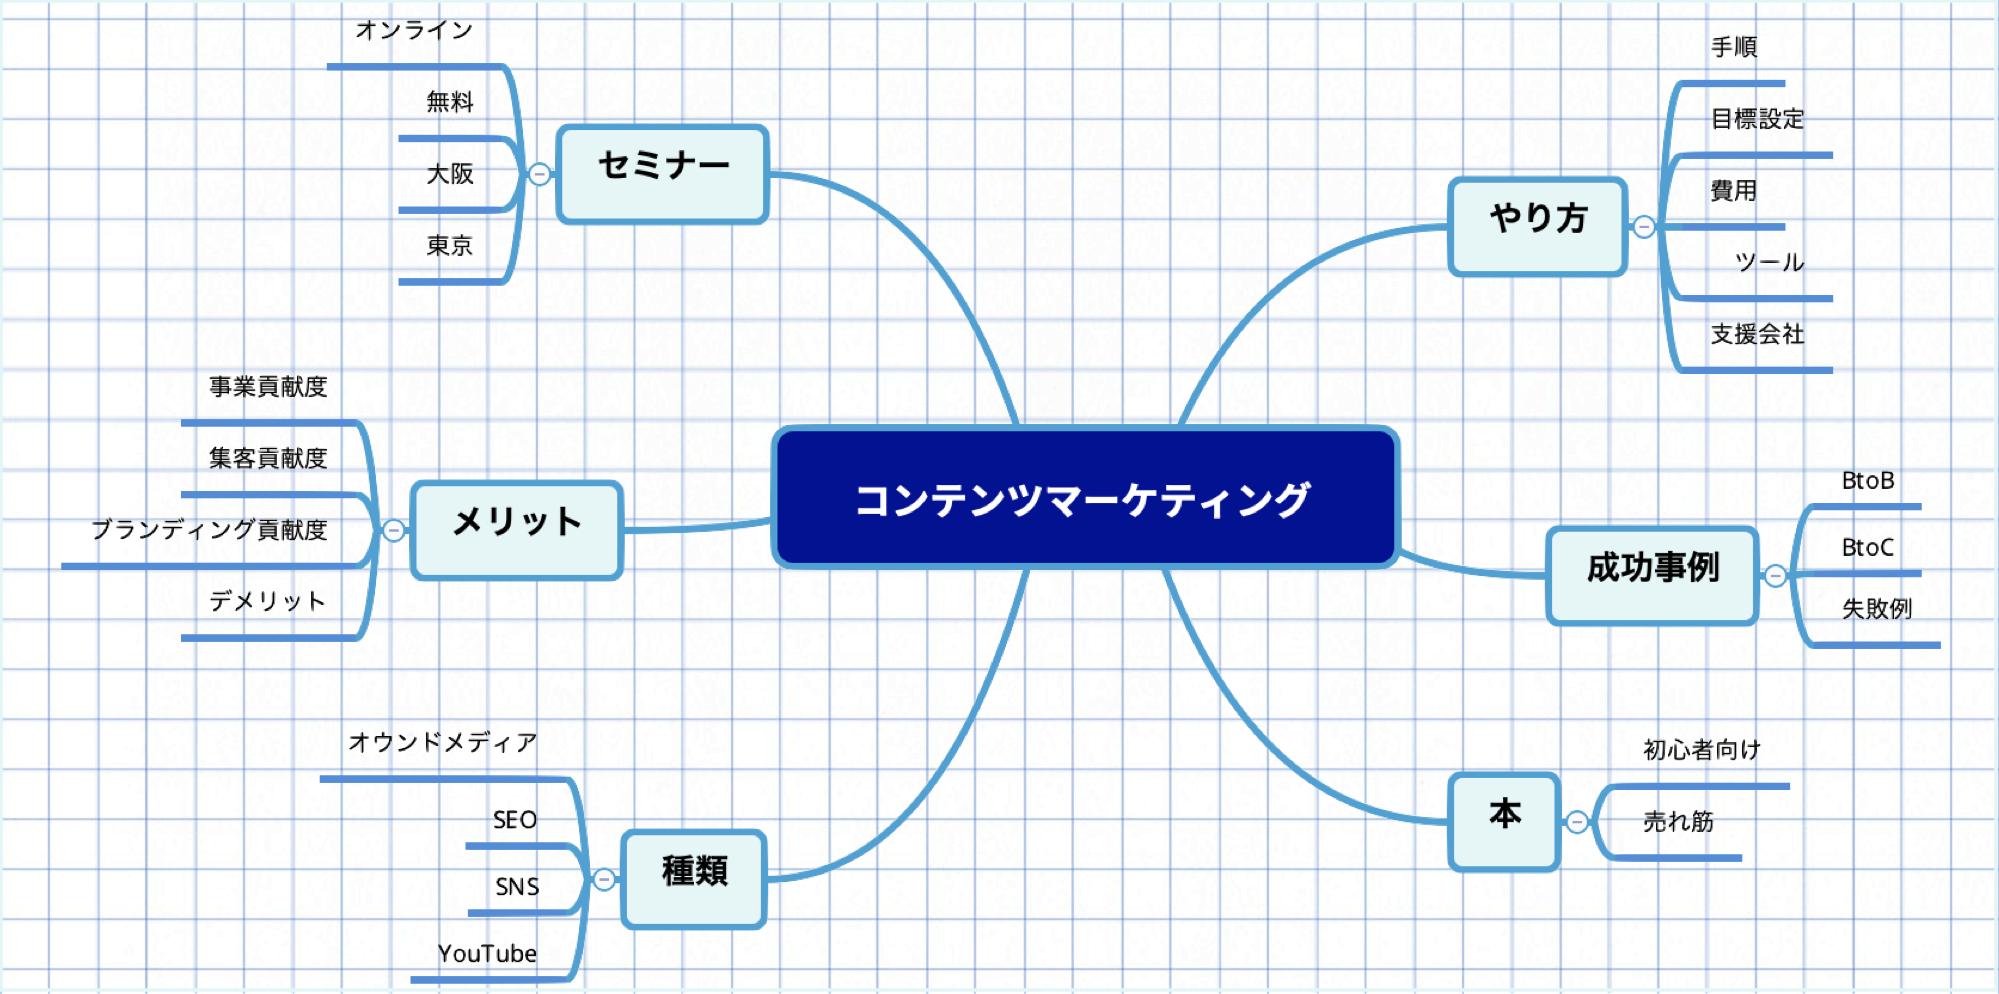 「コンテンツ マーケティング 」のキーワードマップをマインドマップで作成